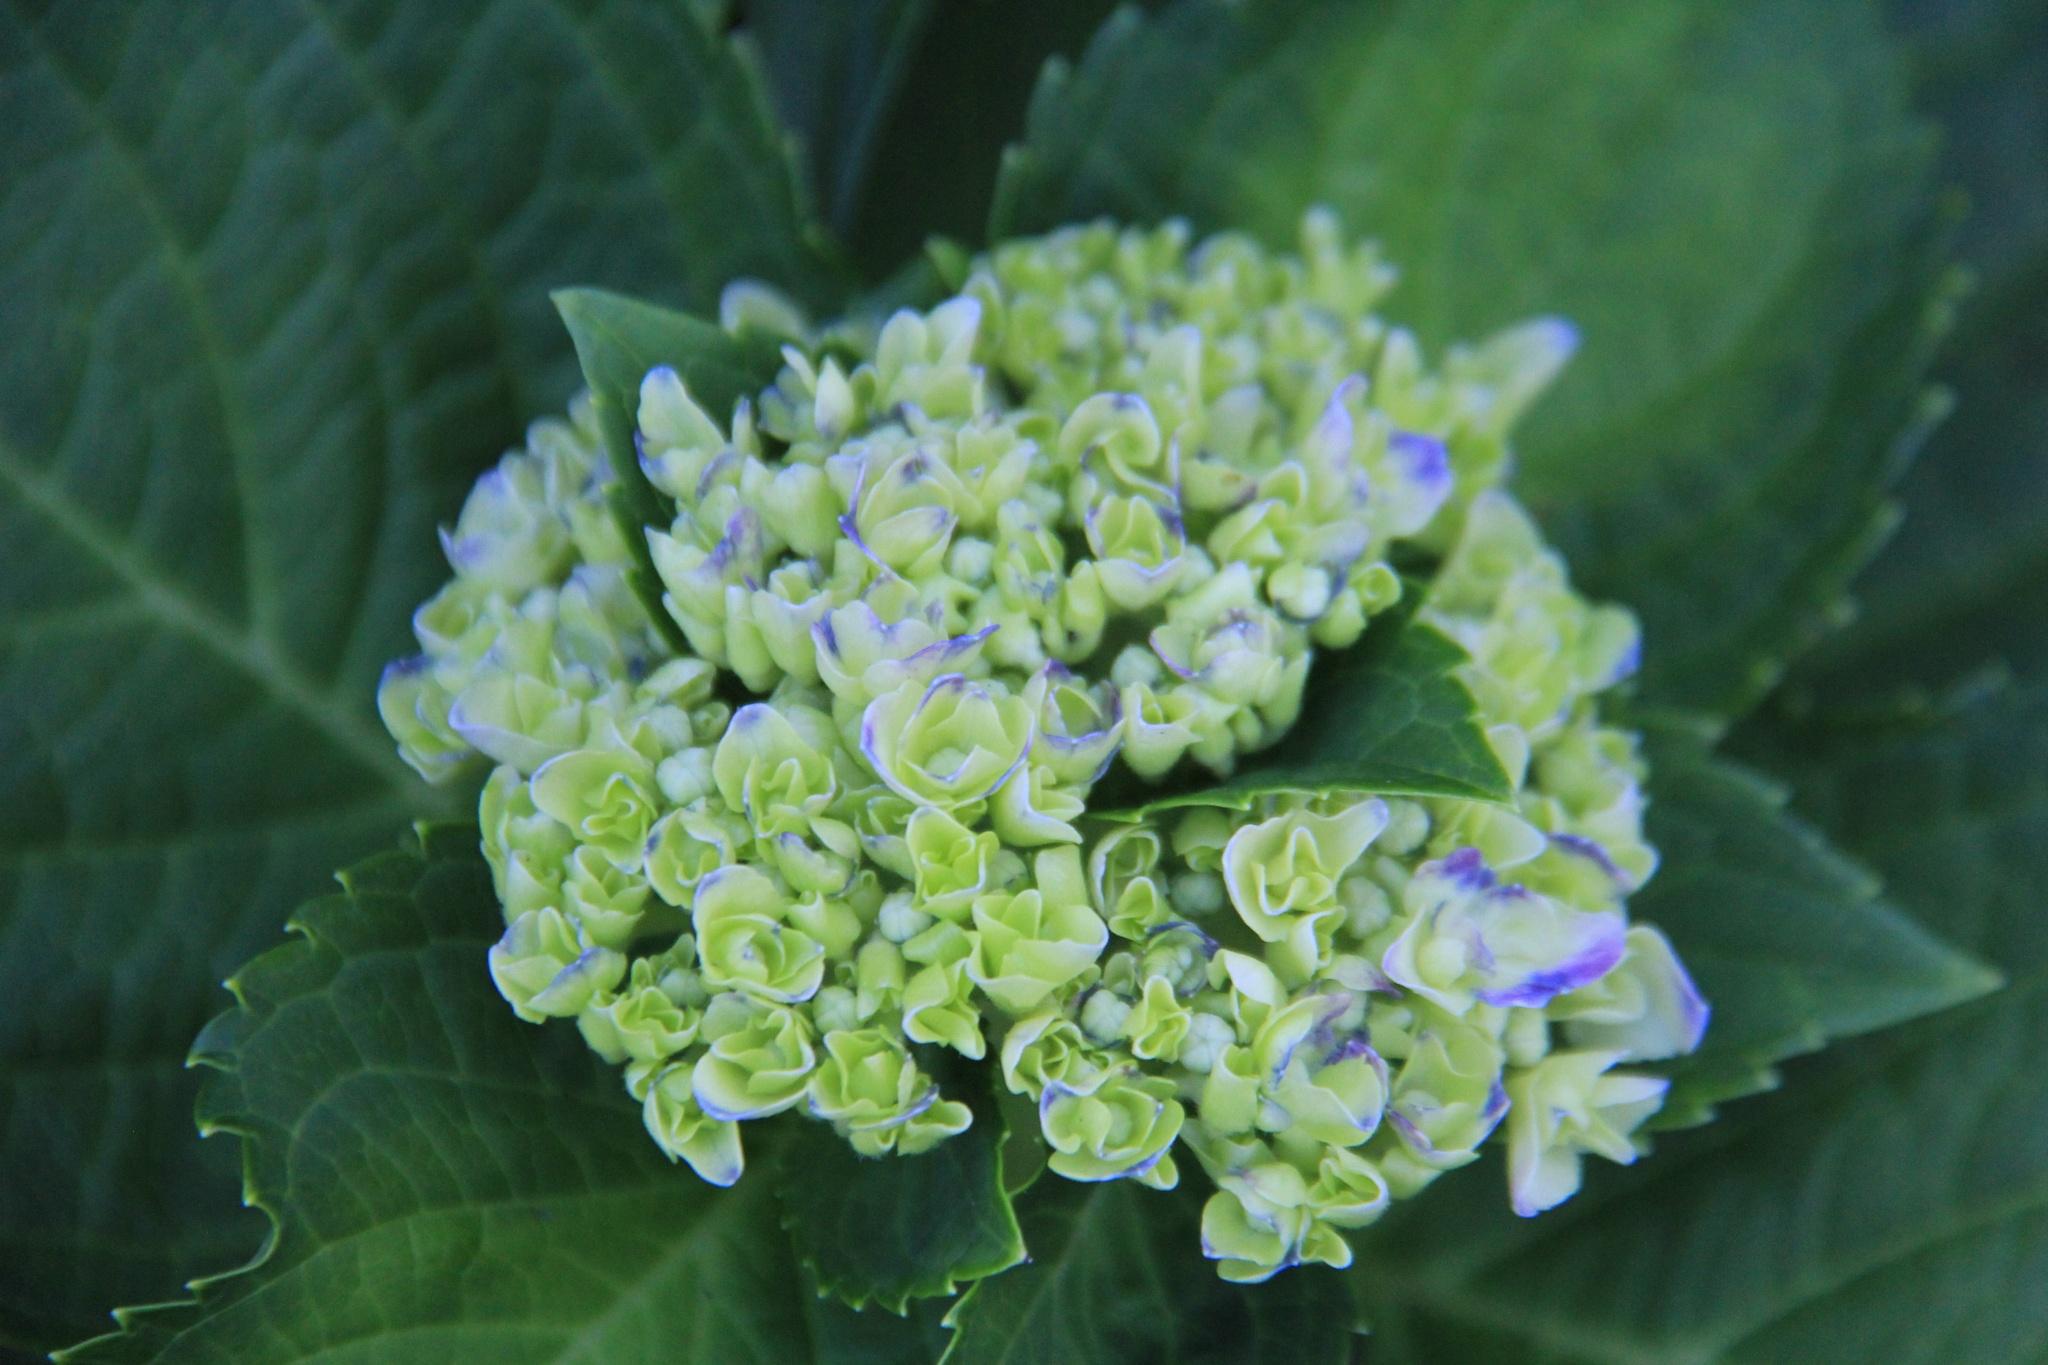 Hydrangea buds by daniellsmithjr